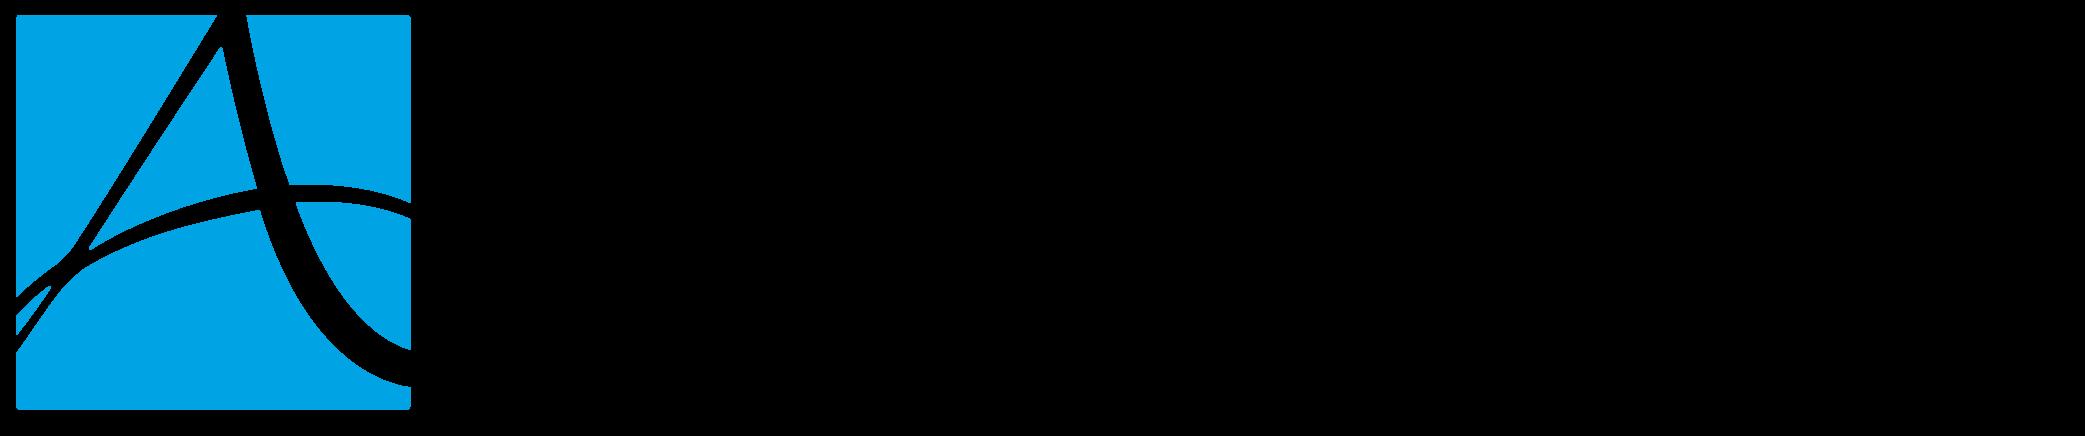 Richmond Beach Rehab logo